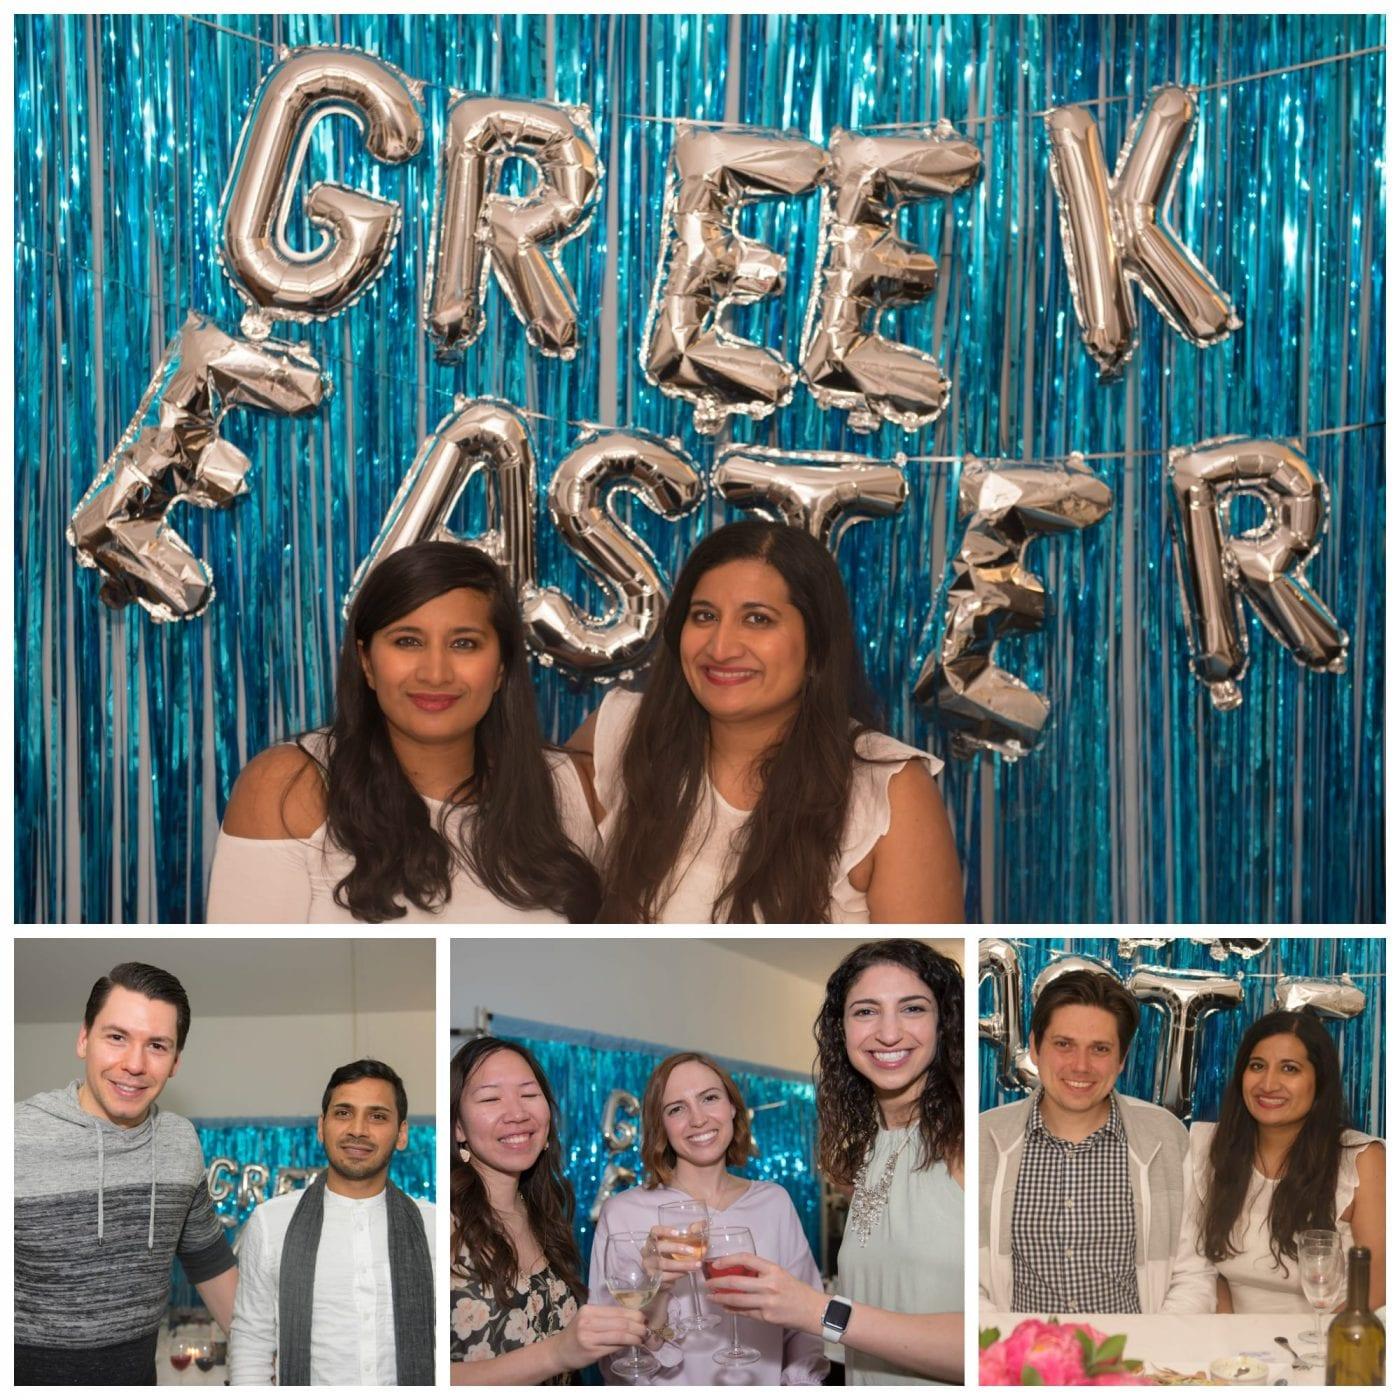 Greek Easter Friends